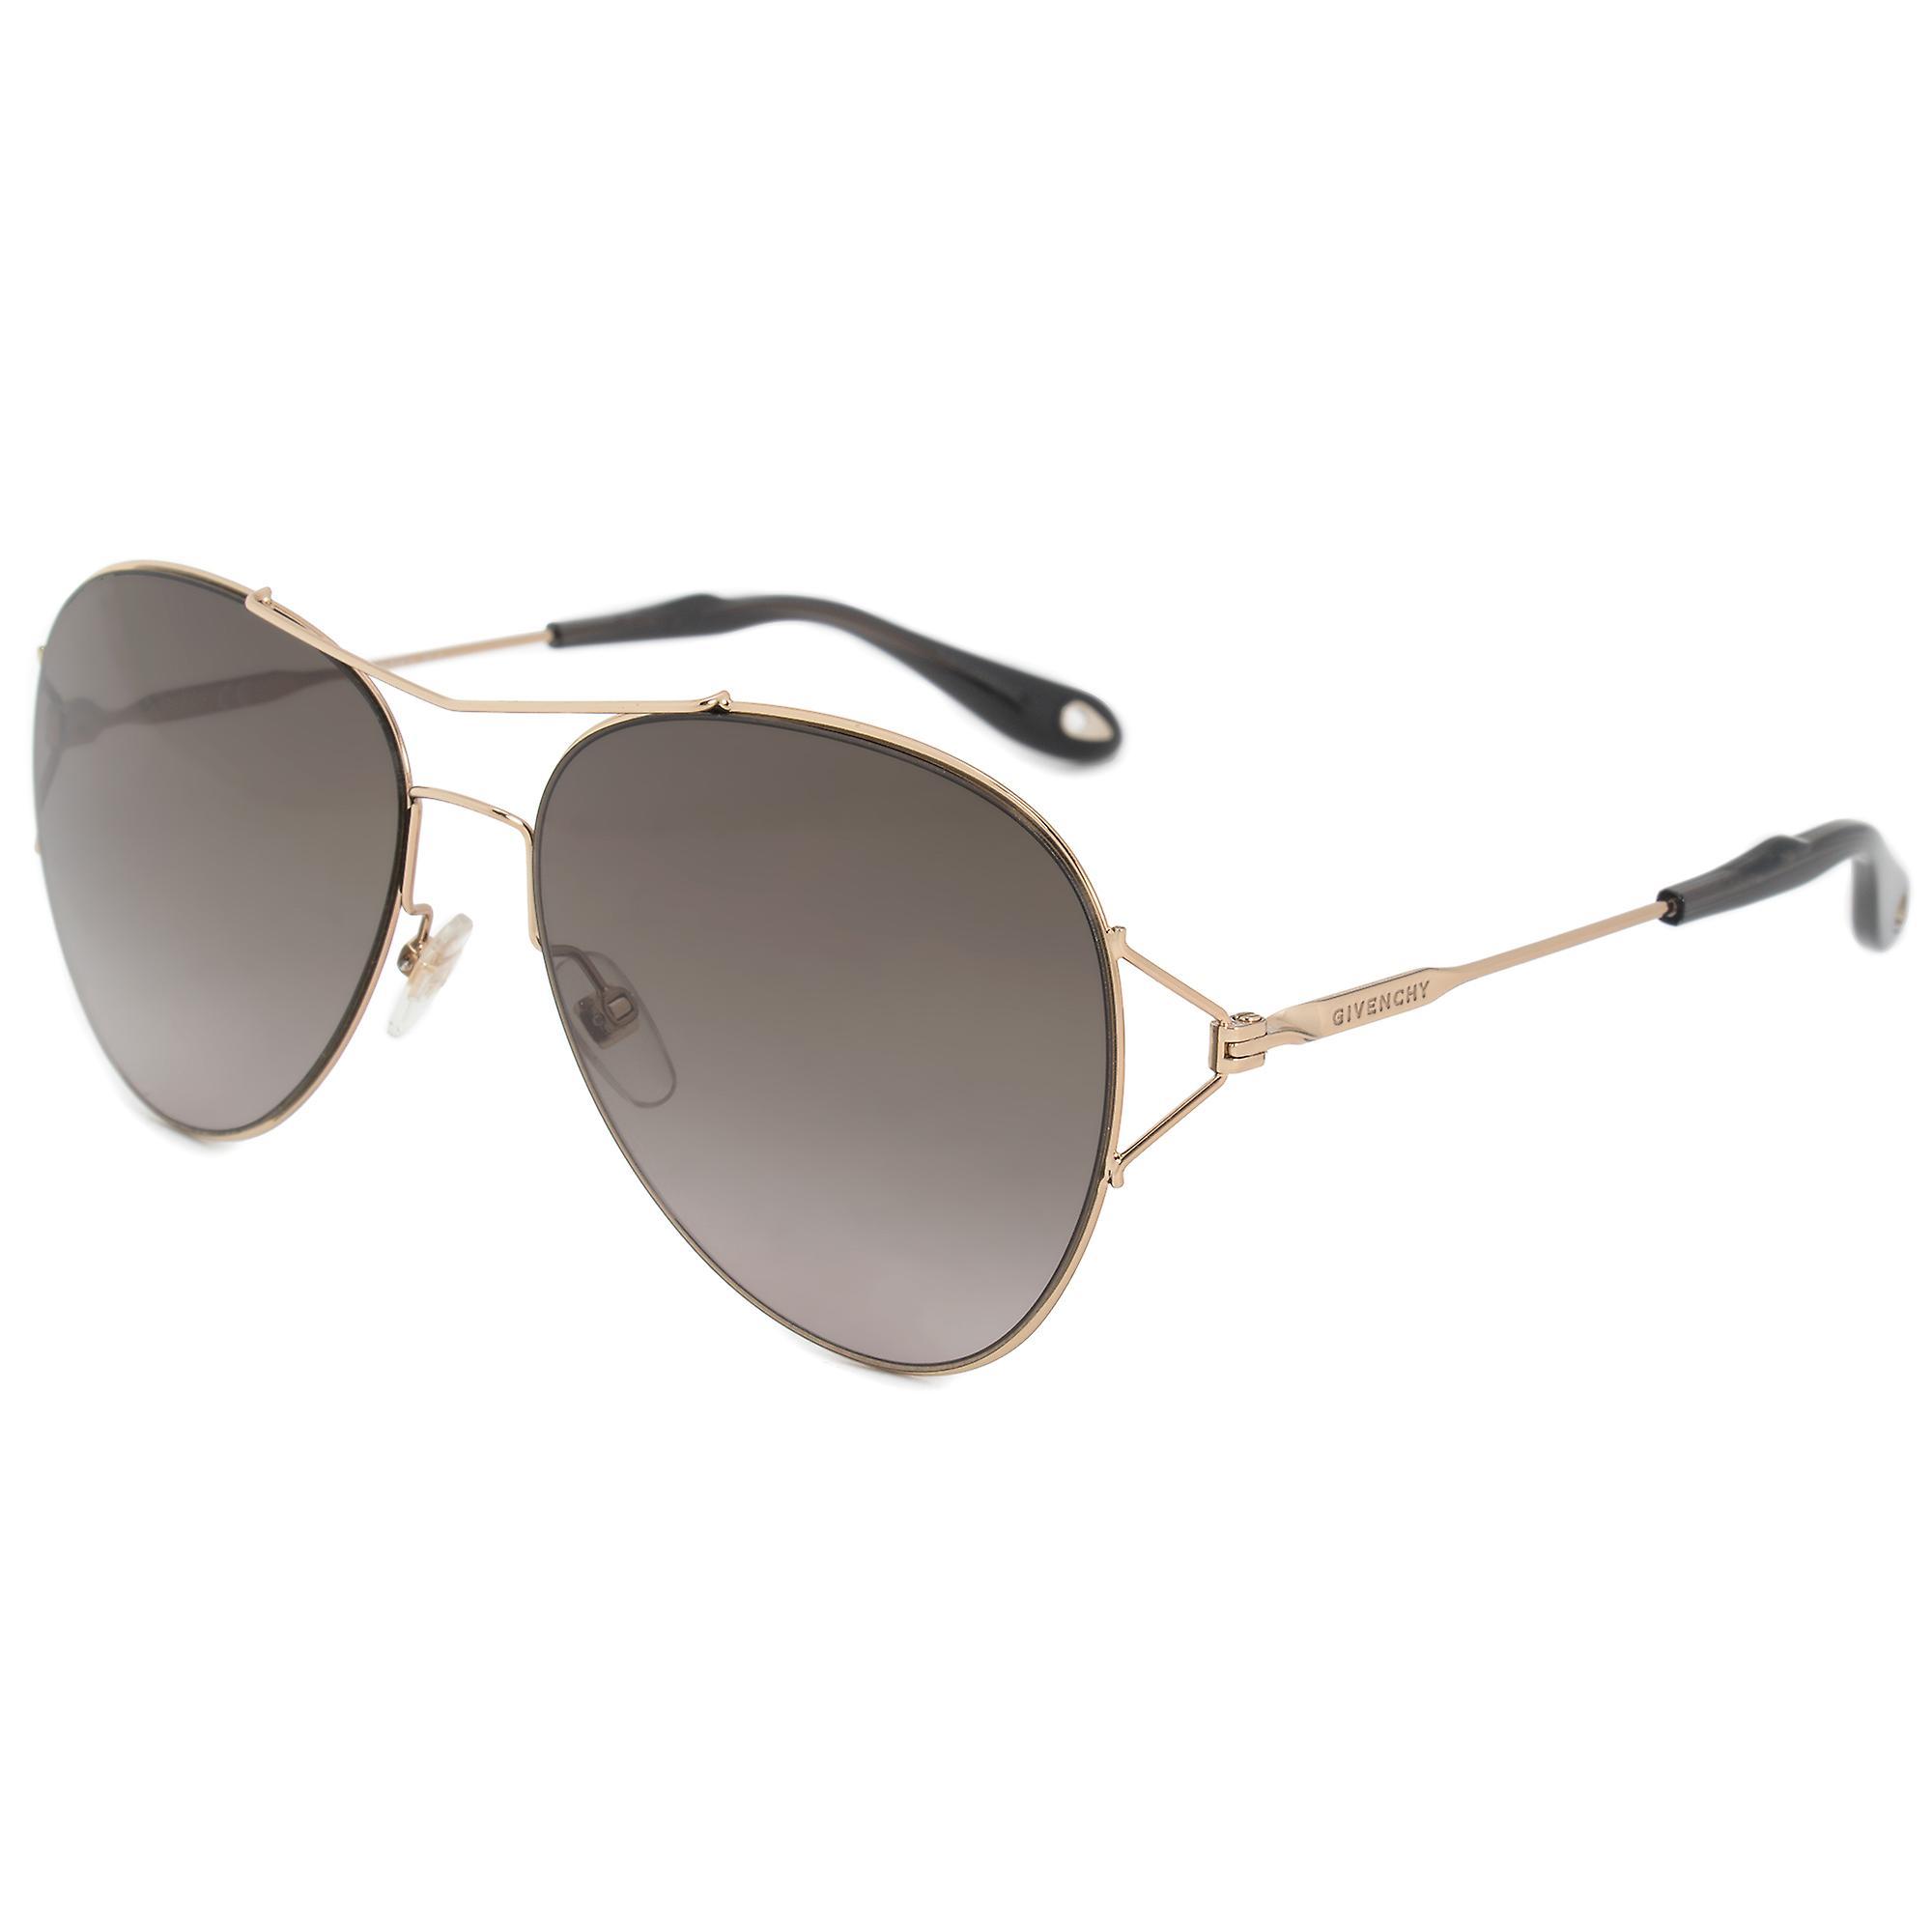 Givenchy Aviator Sunglasses GV7005/S J5G/HA 56